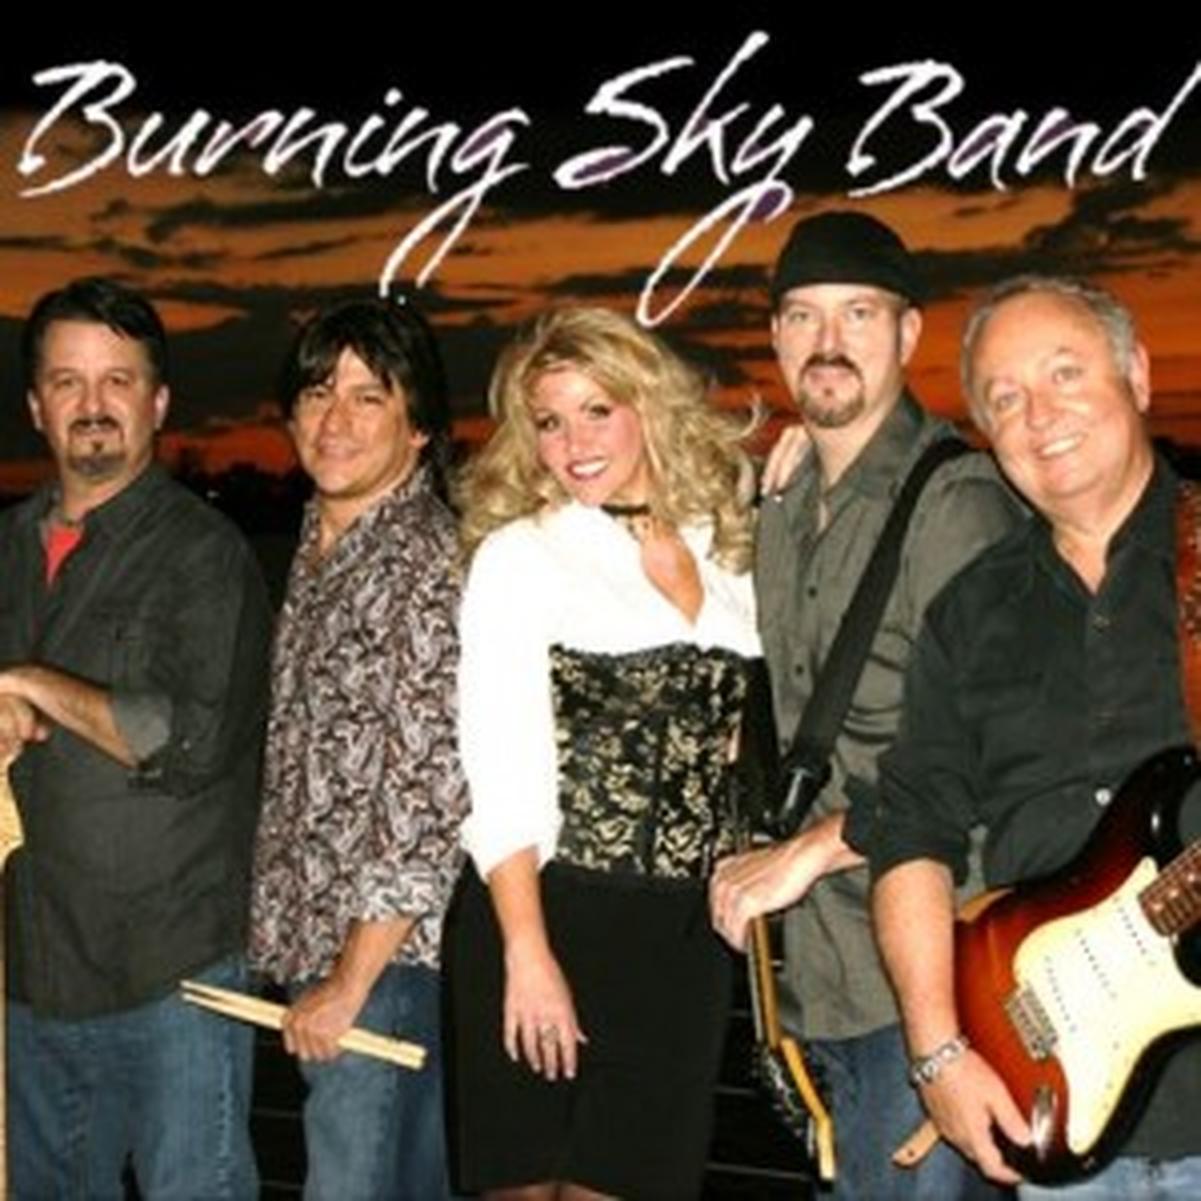 Burning Sky Band